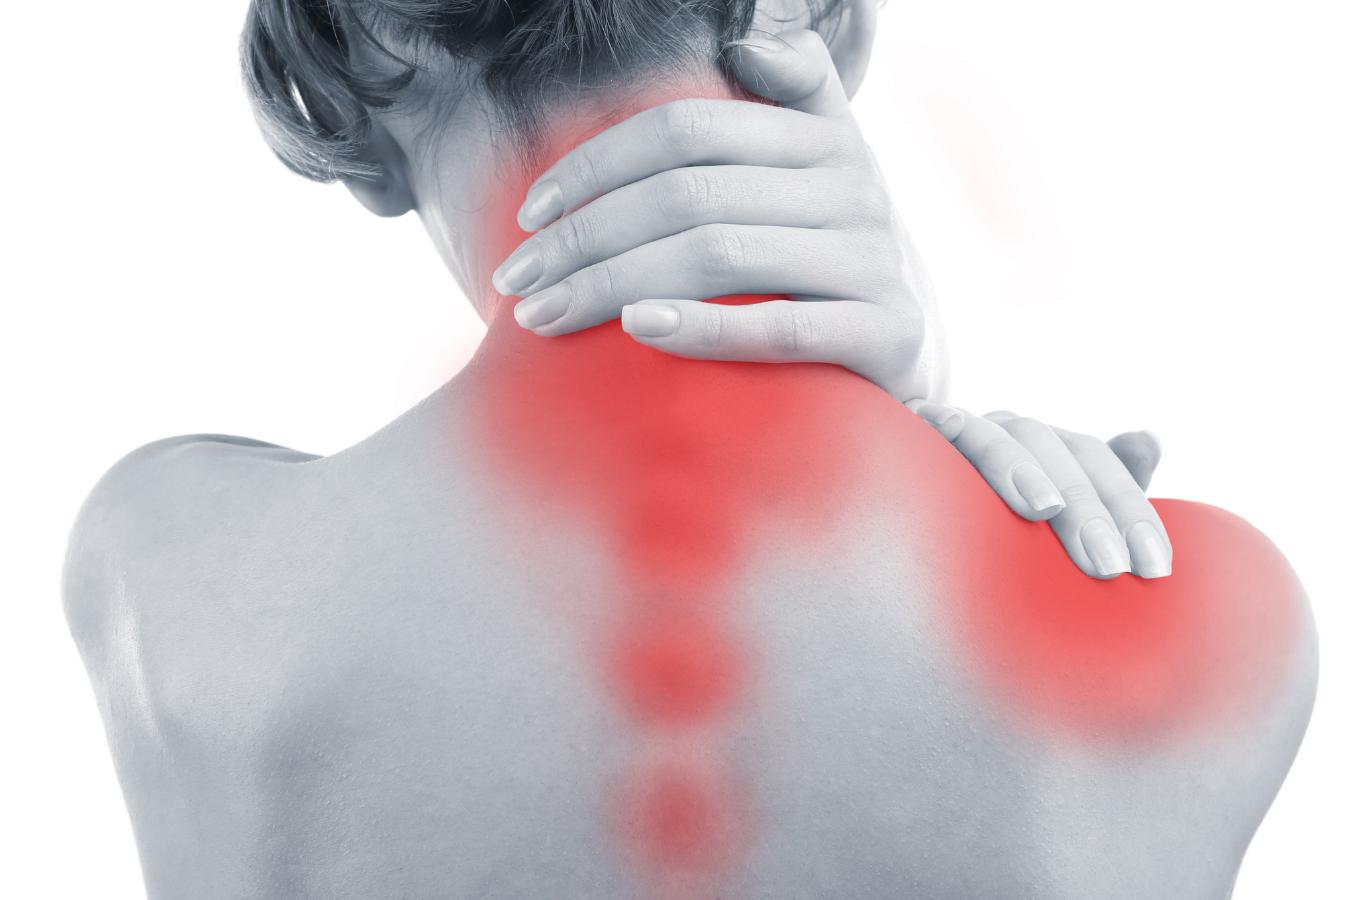 medicamente pentru osteochondroza cervicală de gradul II